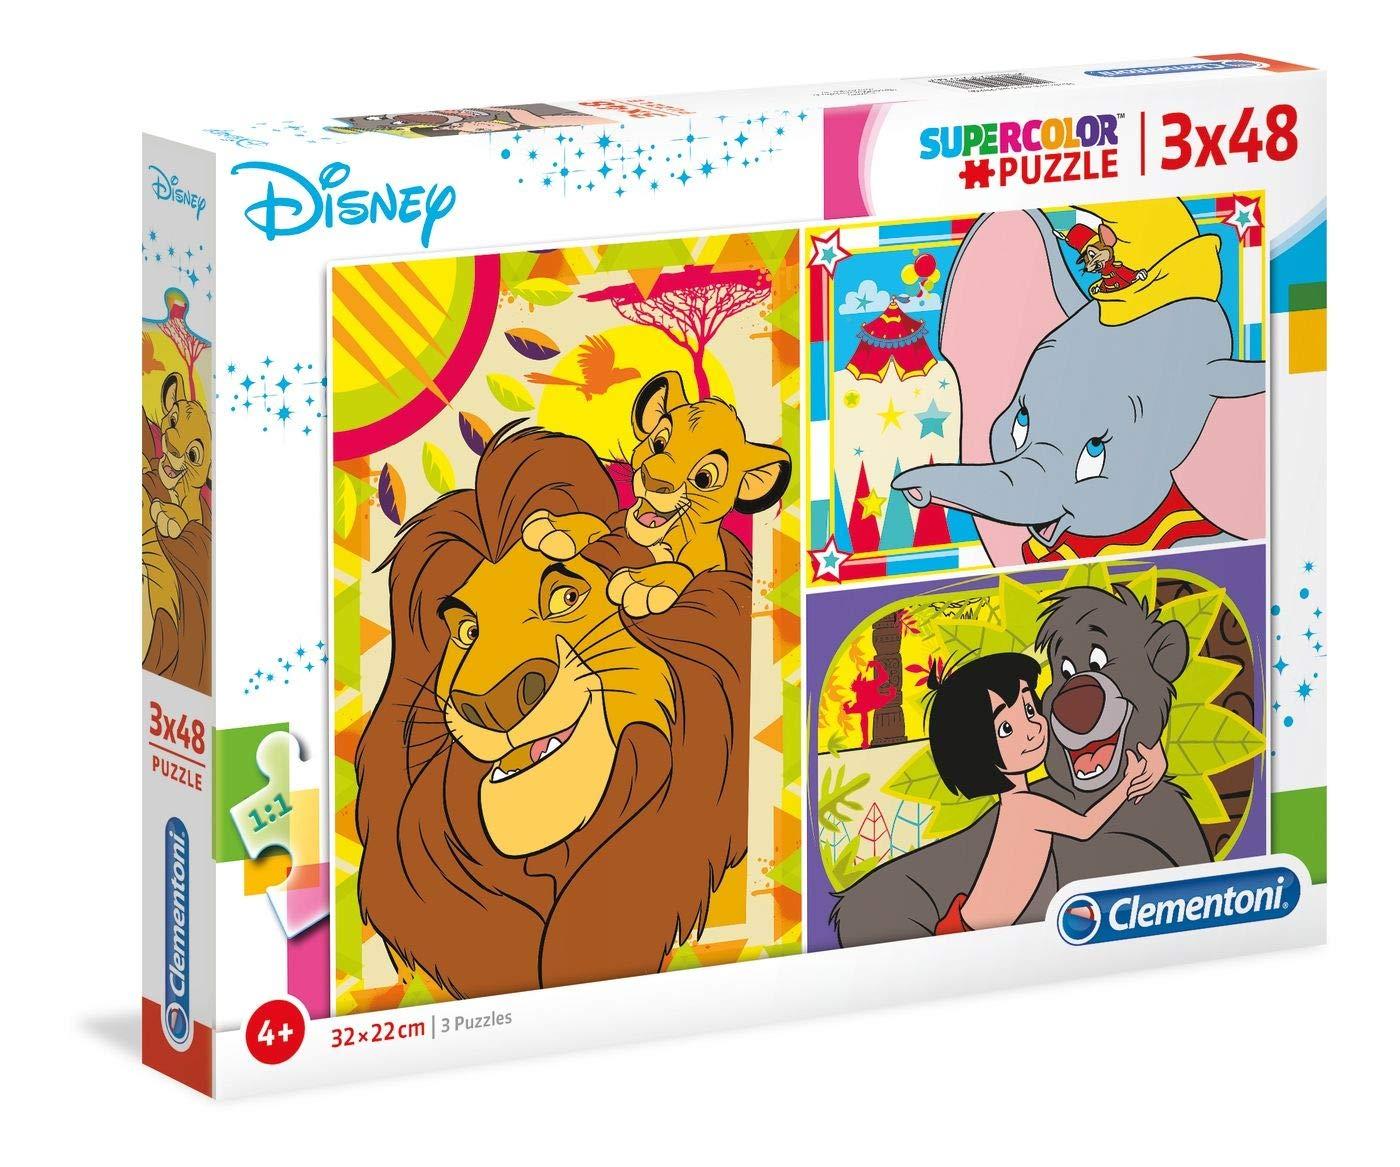 Clementoni Supercolor Puzzle-Disney Classic-3X 48Unidades, 25236